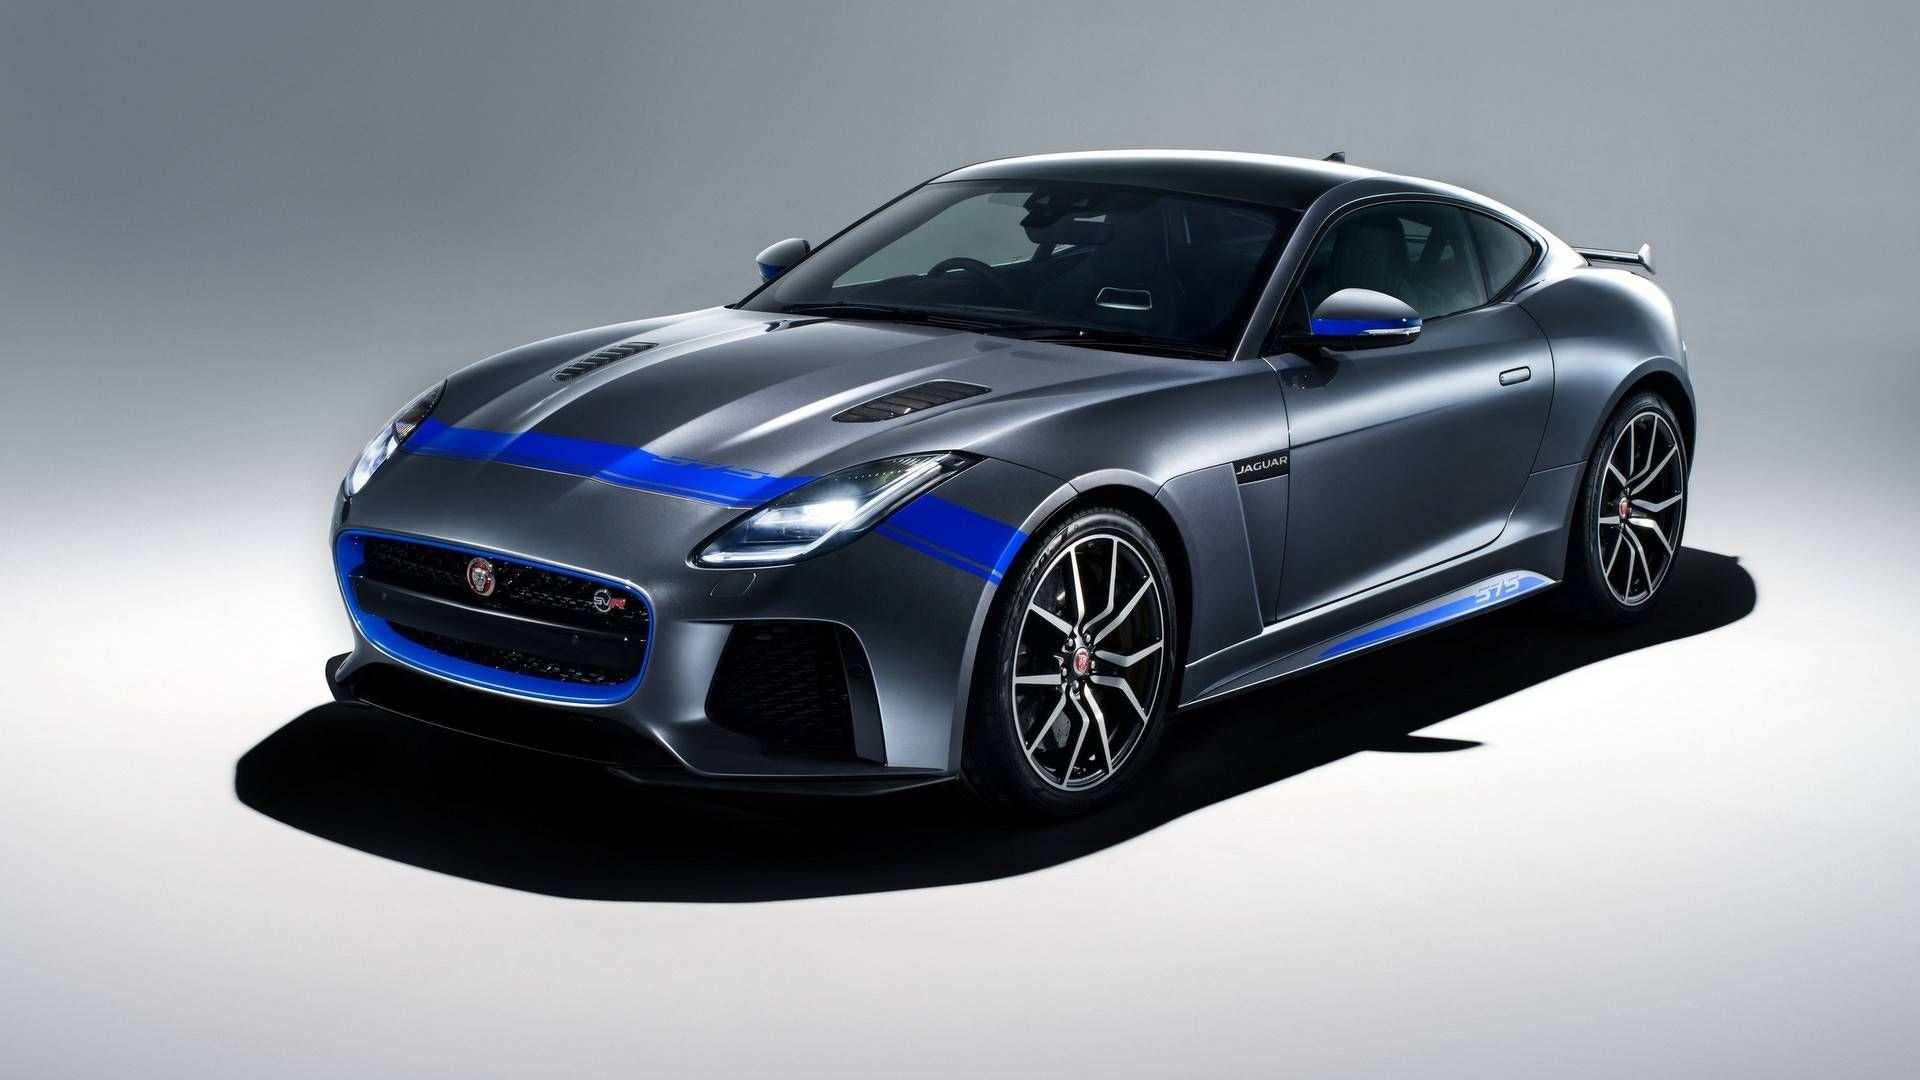 45 Concept of Jaguar Sport 2020 Review with Jaguar Sport 2020